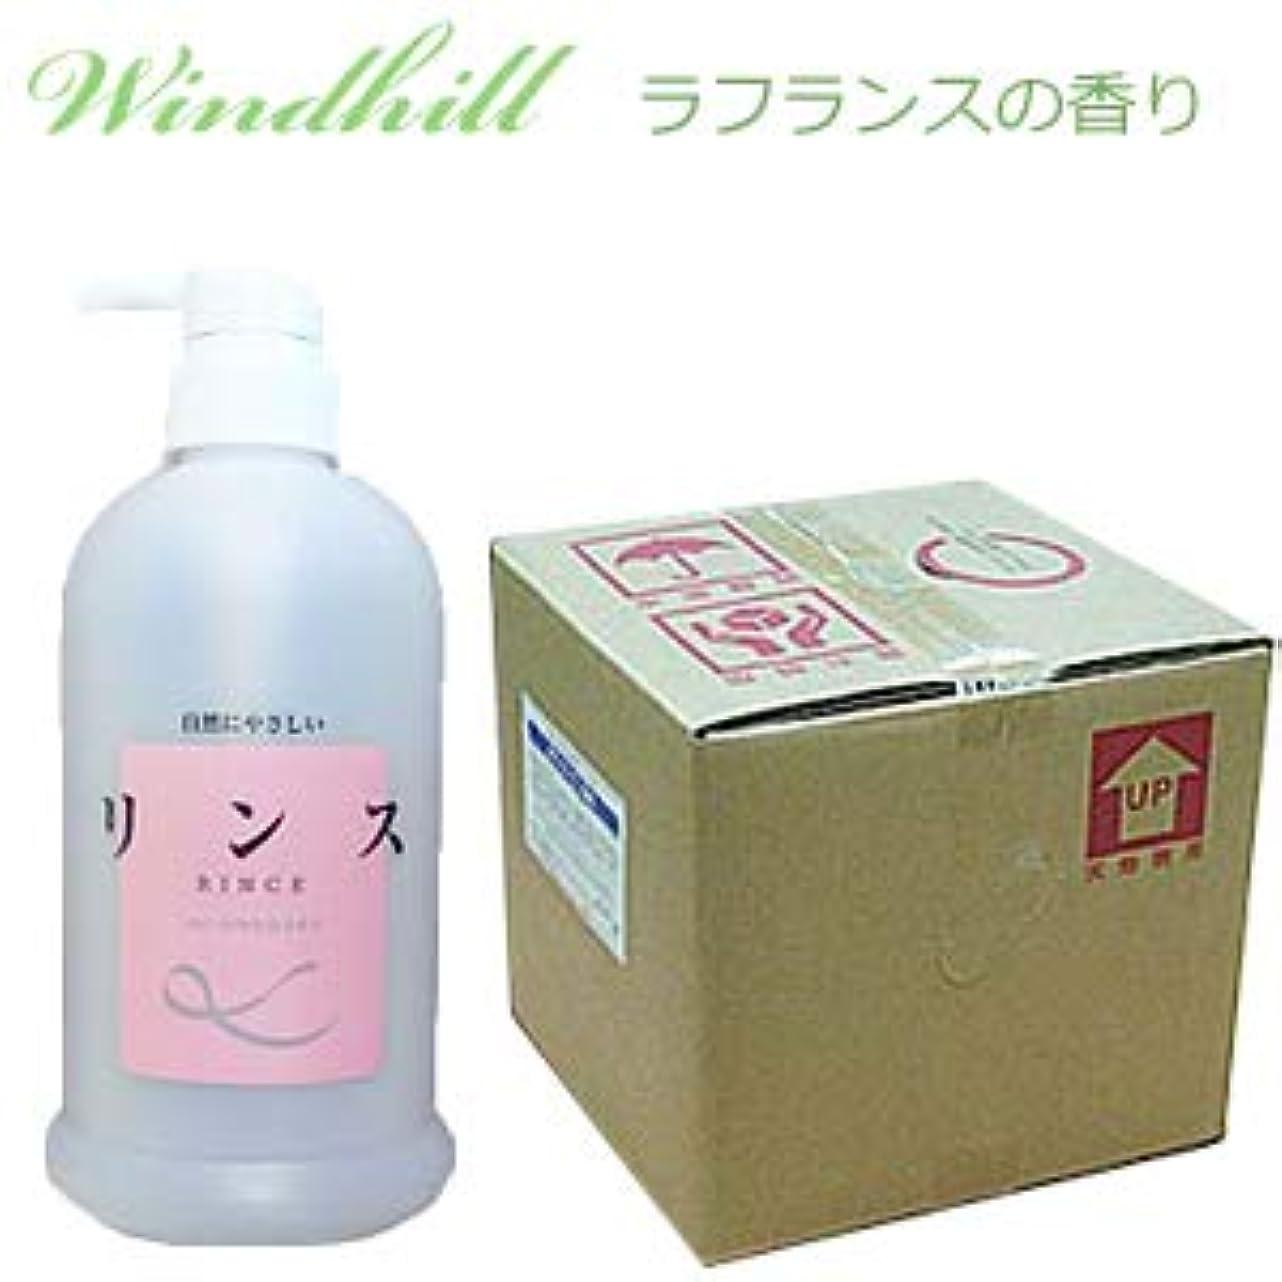 ギャラリー人事真似るなんと! 500ml当り173円 Windhill 植物性 業務用 リンス  爽やかなラフランスの香り 20L